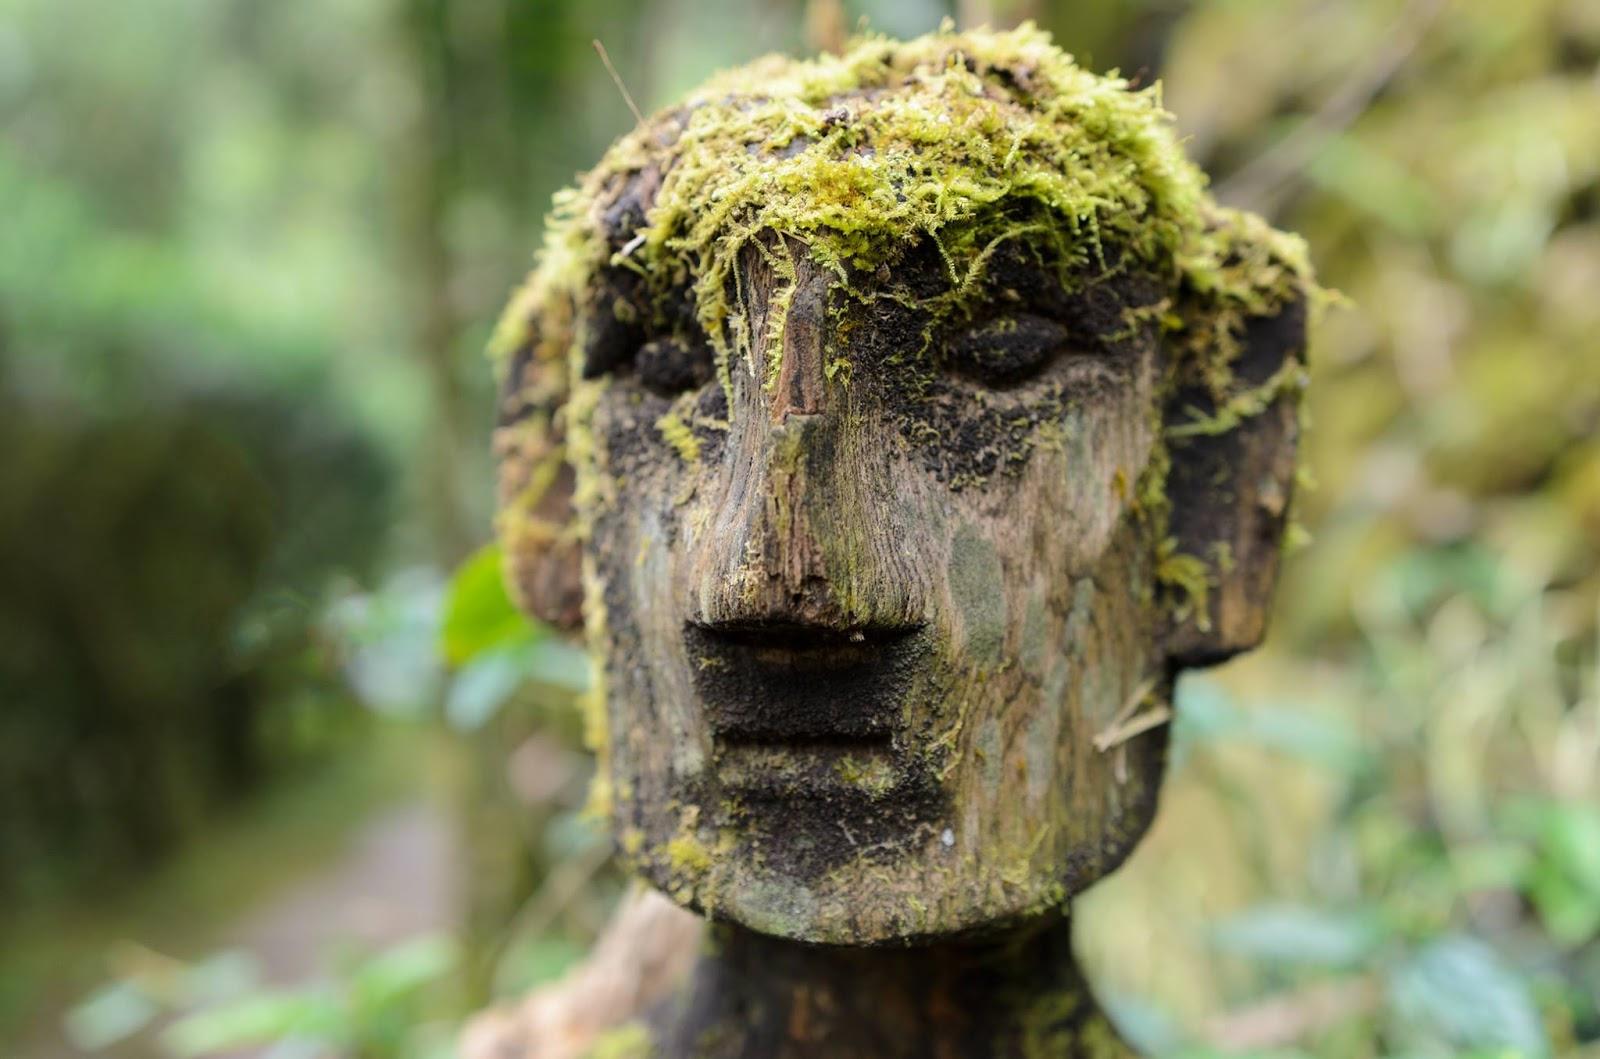 Bulul Fertility Carved Wooden Figure